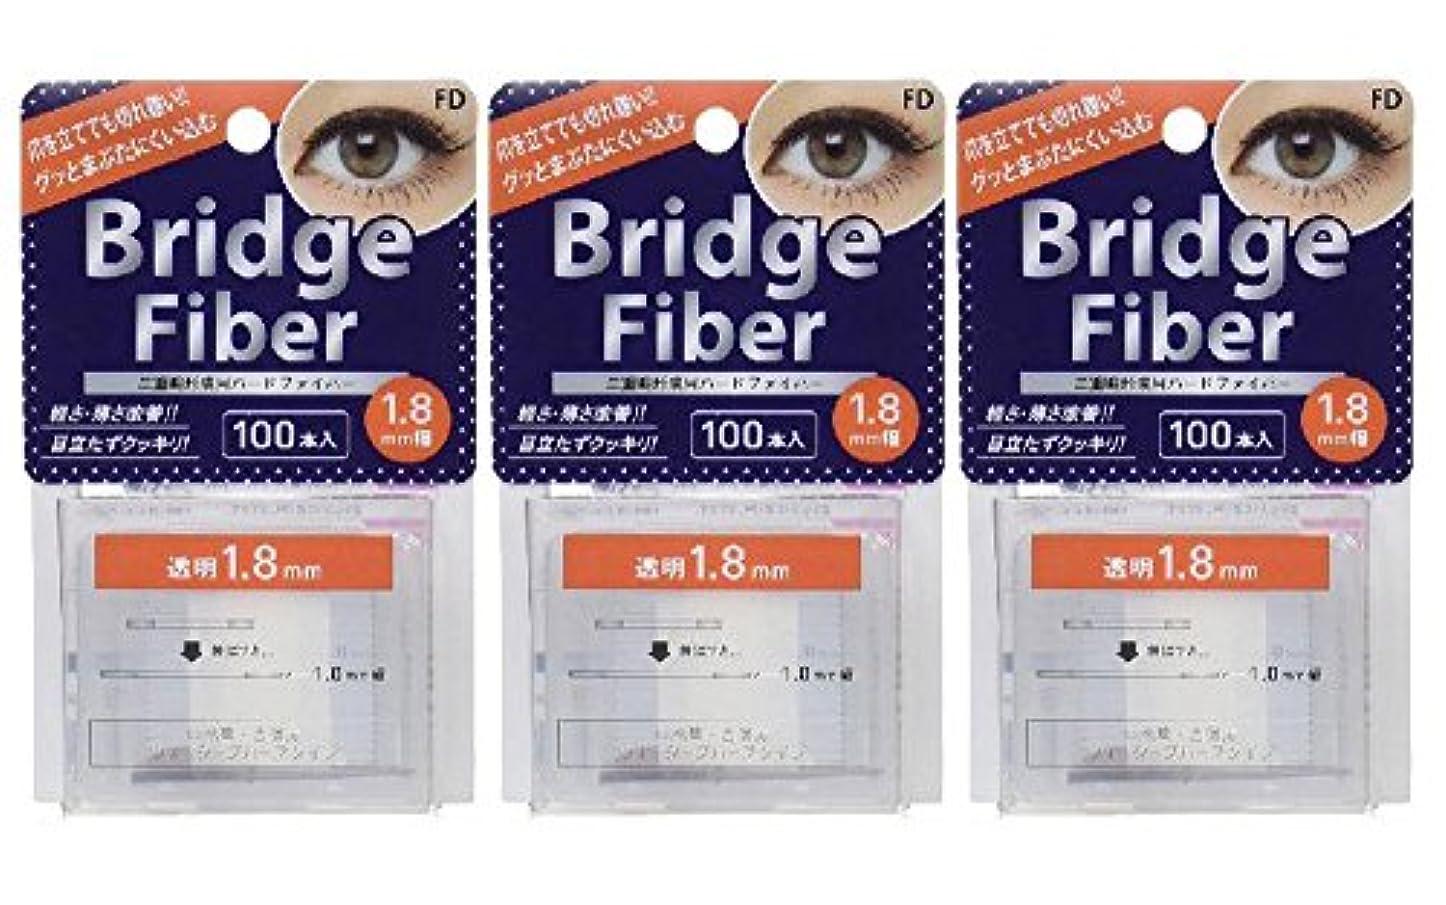 存在リスクかみそりFD ブリッジファイバーII (眼瞼下垂防止テープ) 3個セット 透明 1.8mm